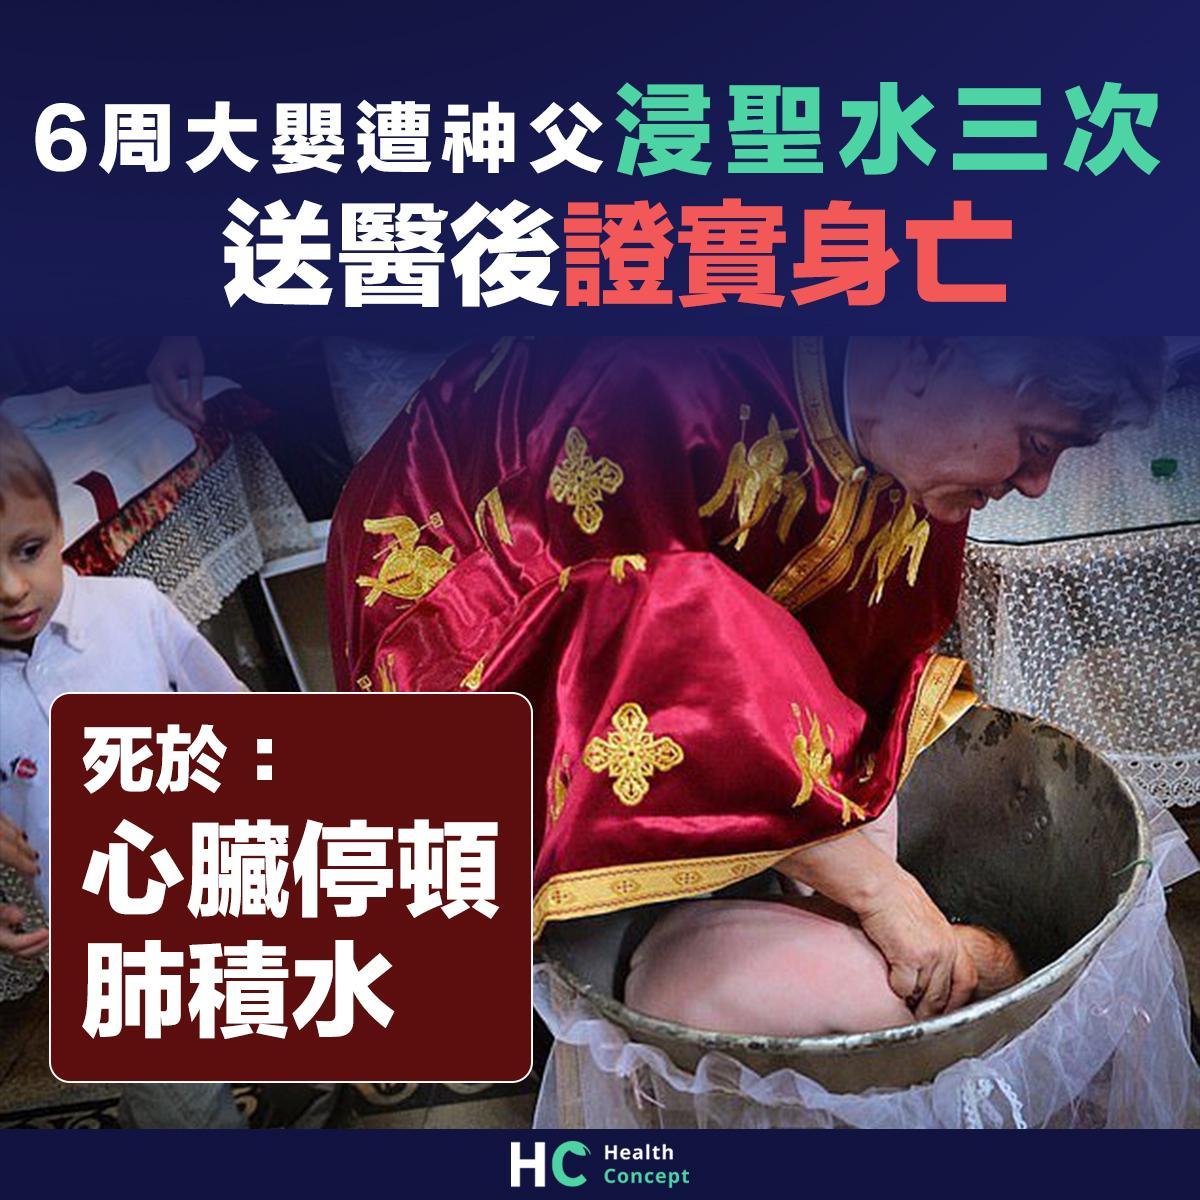 6周大嬰遭神父浸聖水三次 送醫後證實身亡